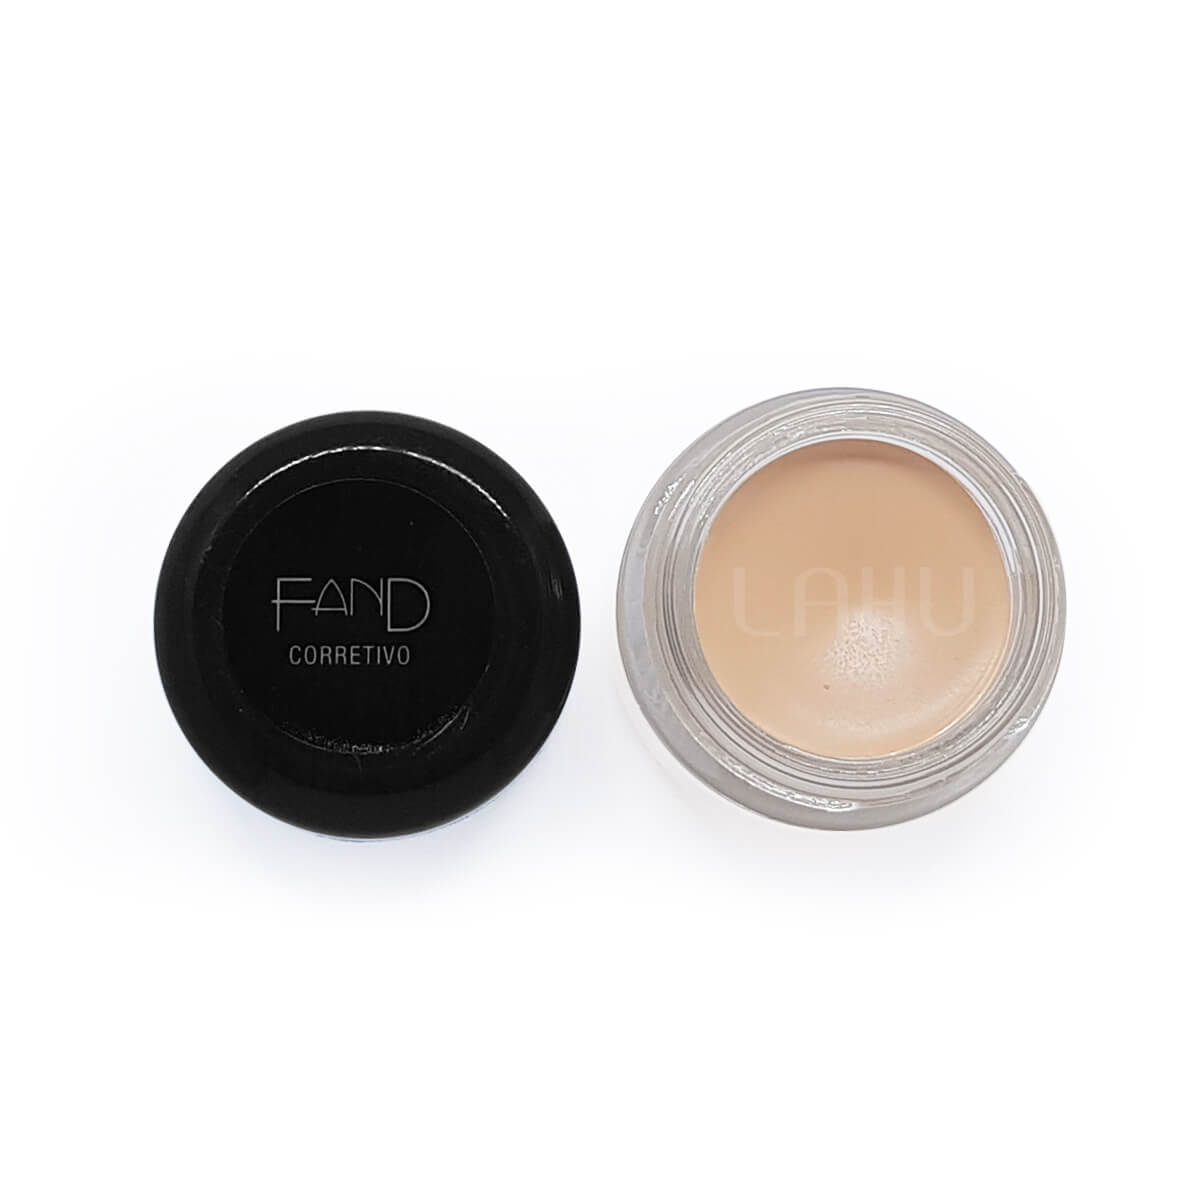 Corretivo Camuflagem FC10 Fand Makeup